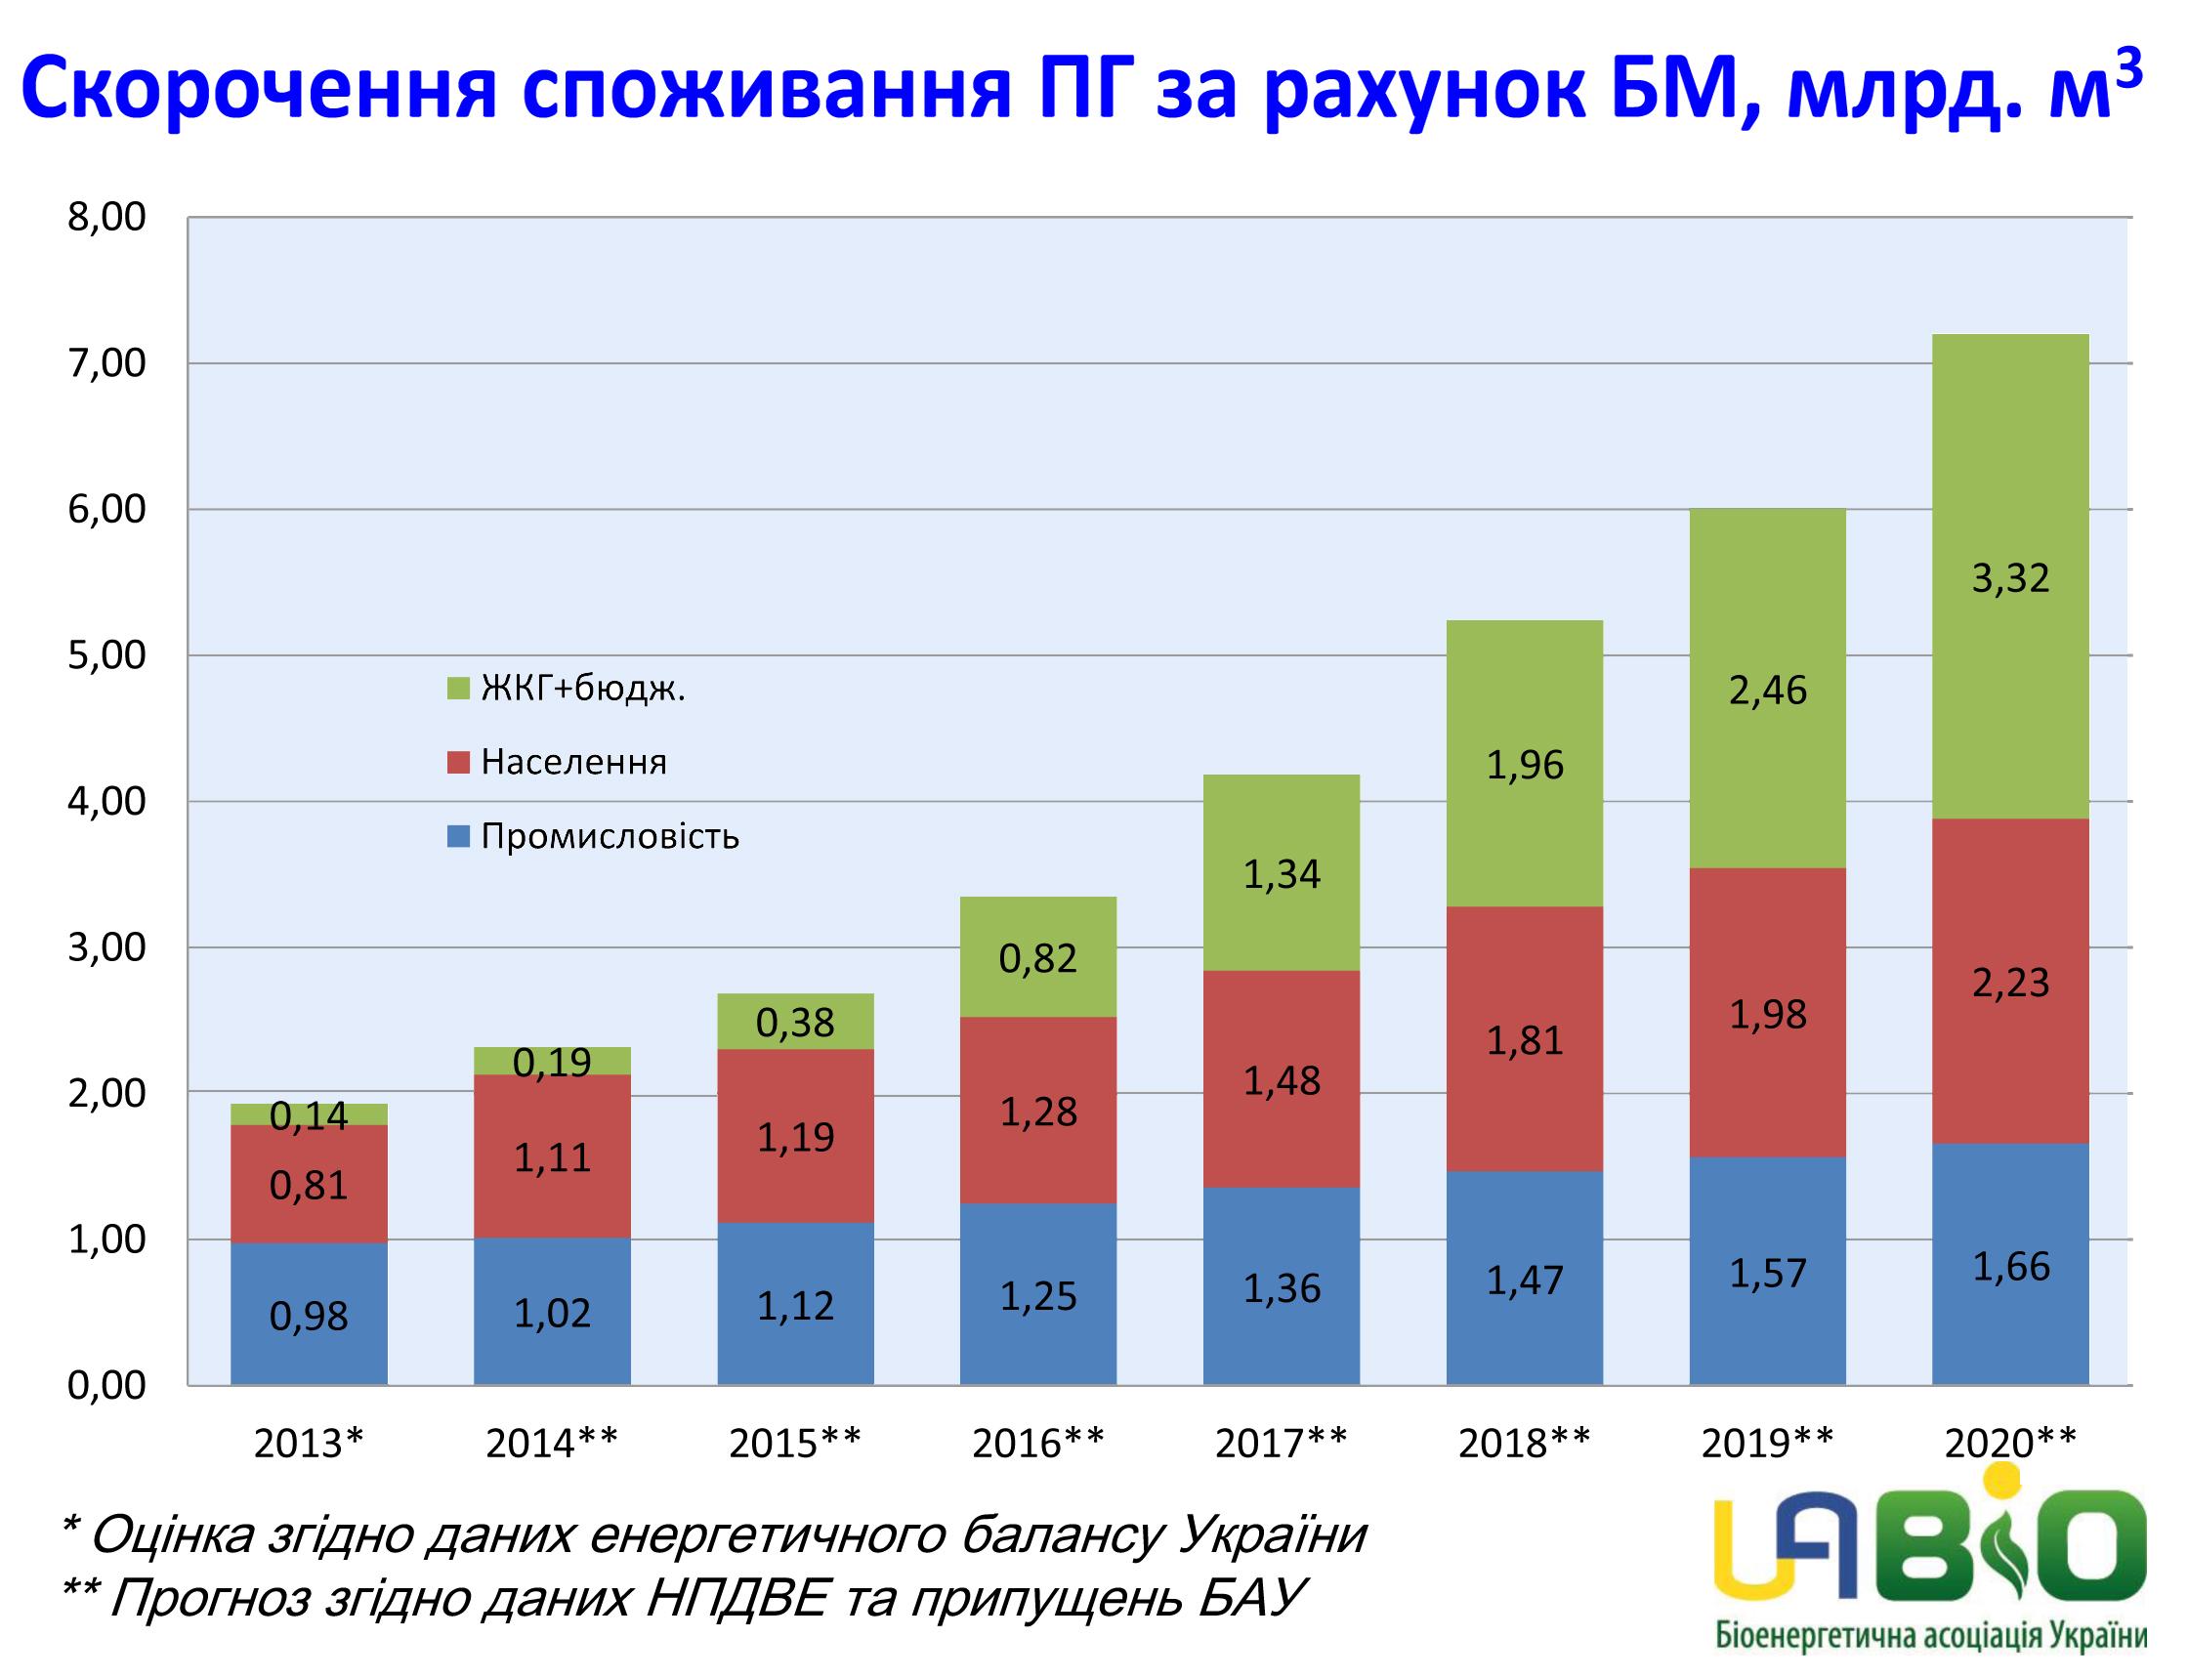 potencial_zamesheniya_prirodnogo_gaza_biotoplivom.jpg